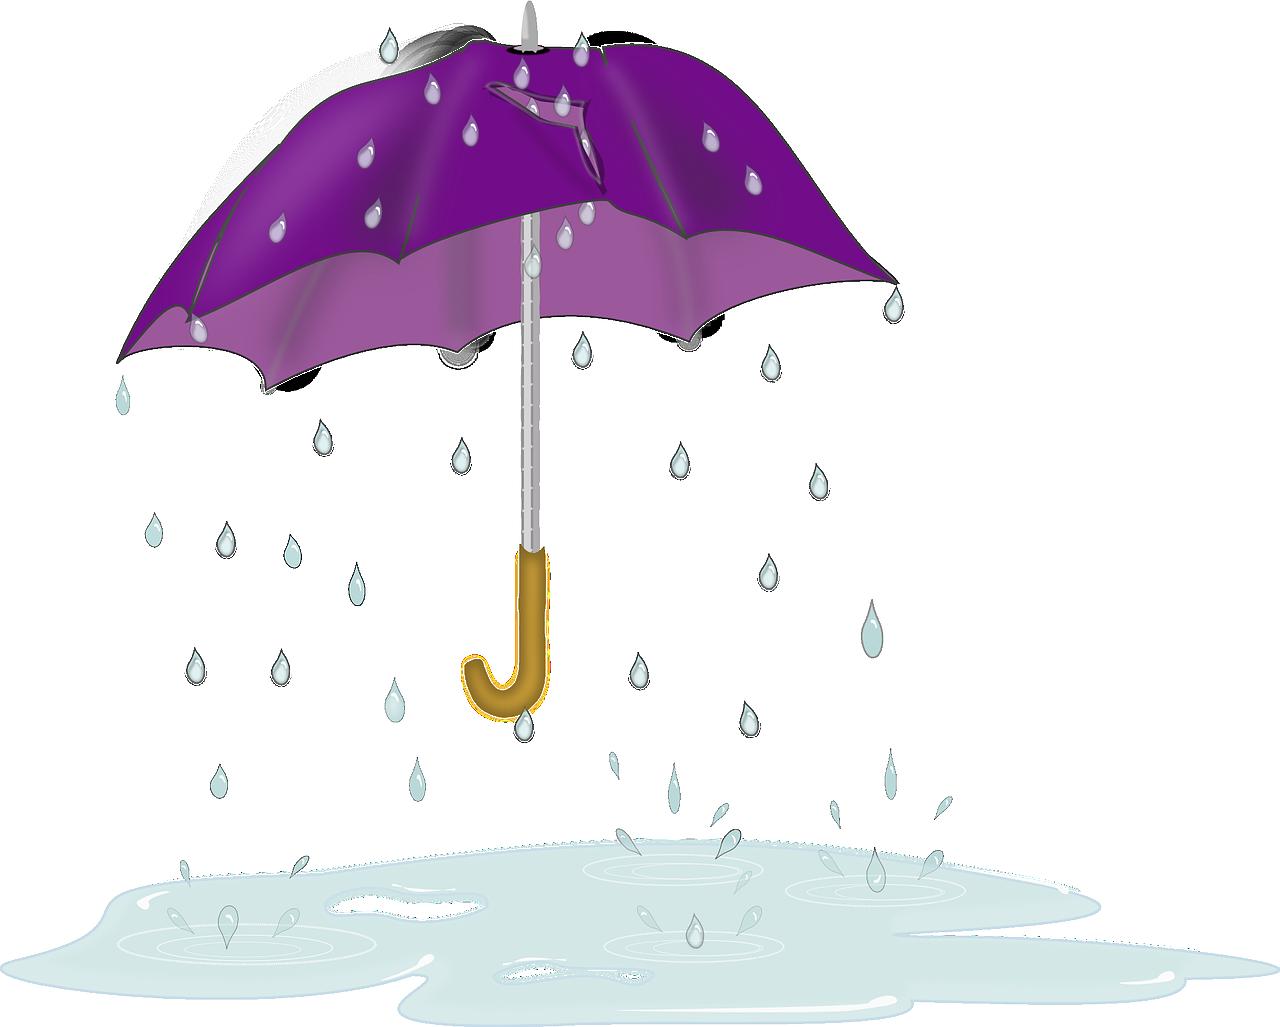 гифка тучка и зонтик этом собеседник